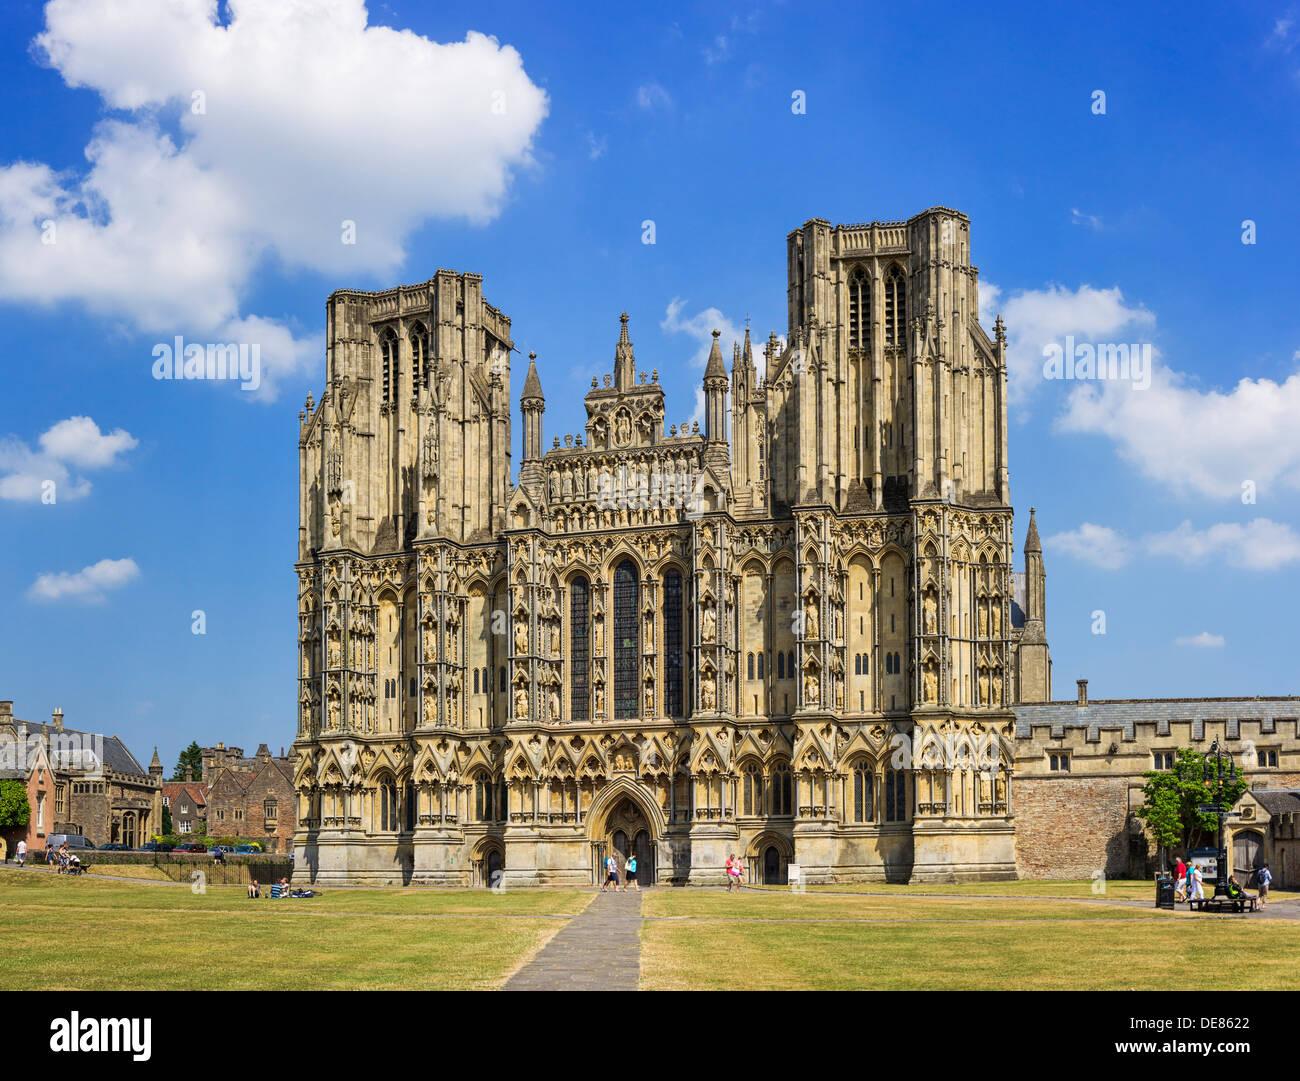 La cathédrale de Wells, Somerset, UK Banque D'Images